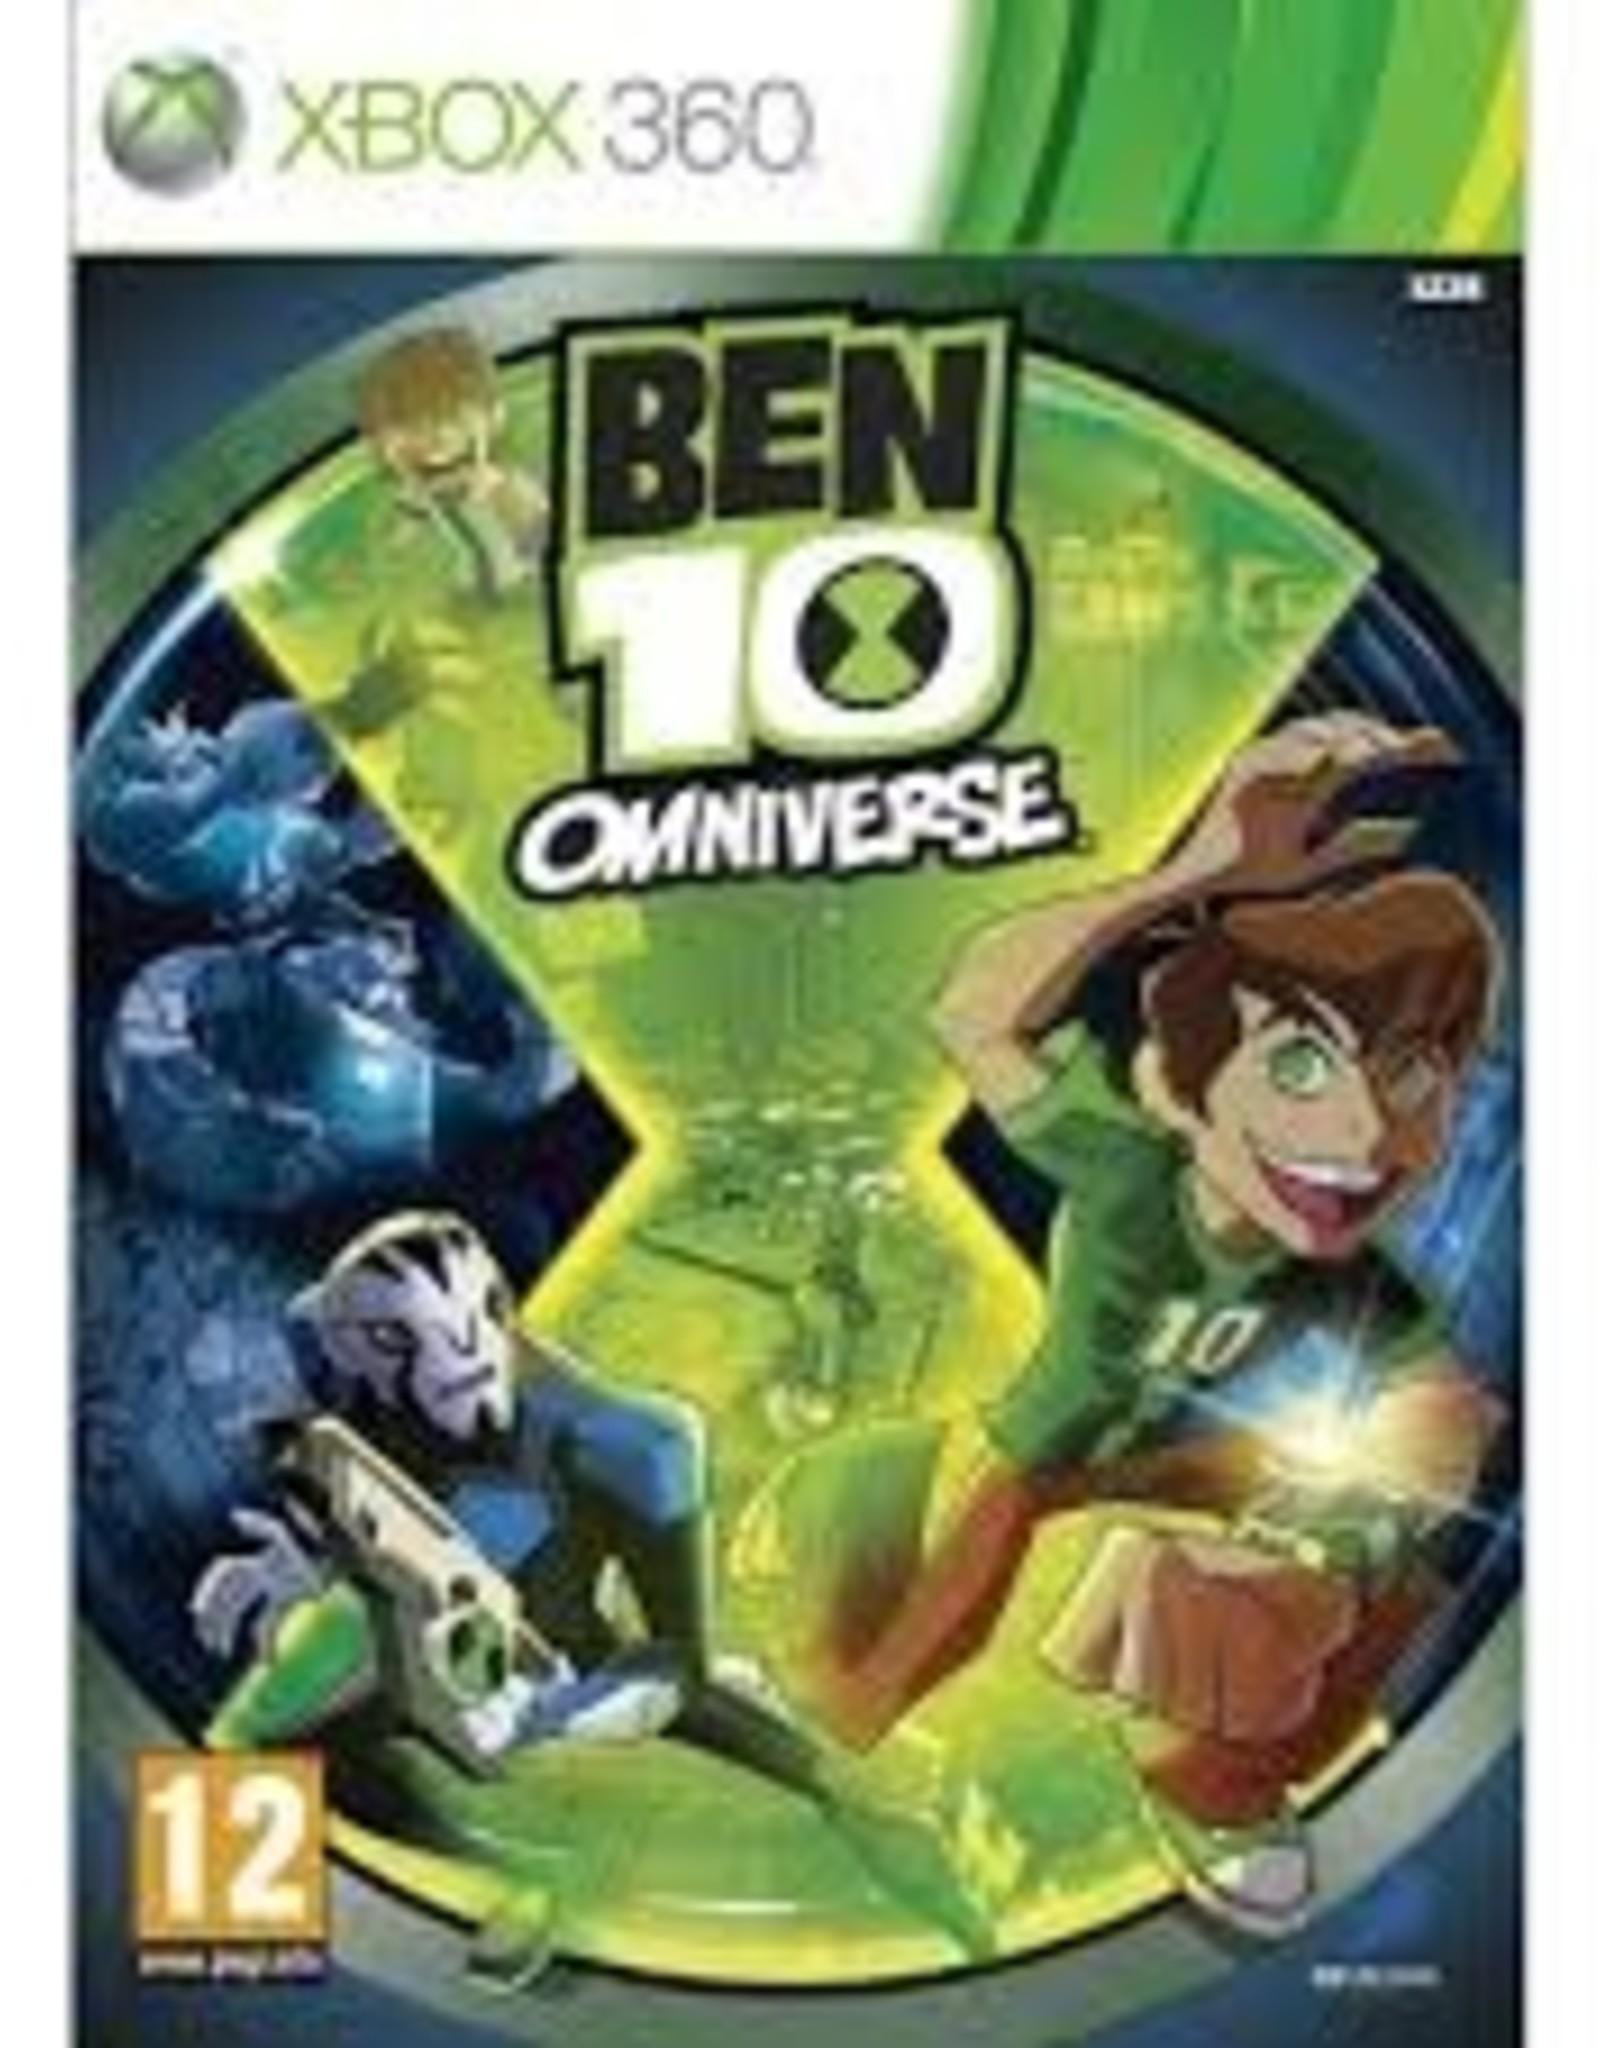 BEN 10 OMNIVERSE - XB360 PrePlayed